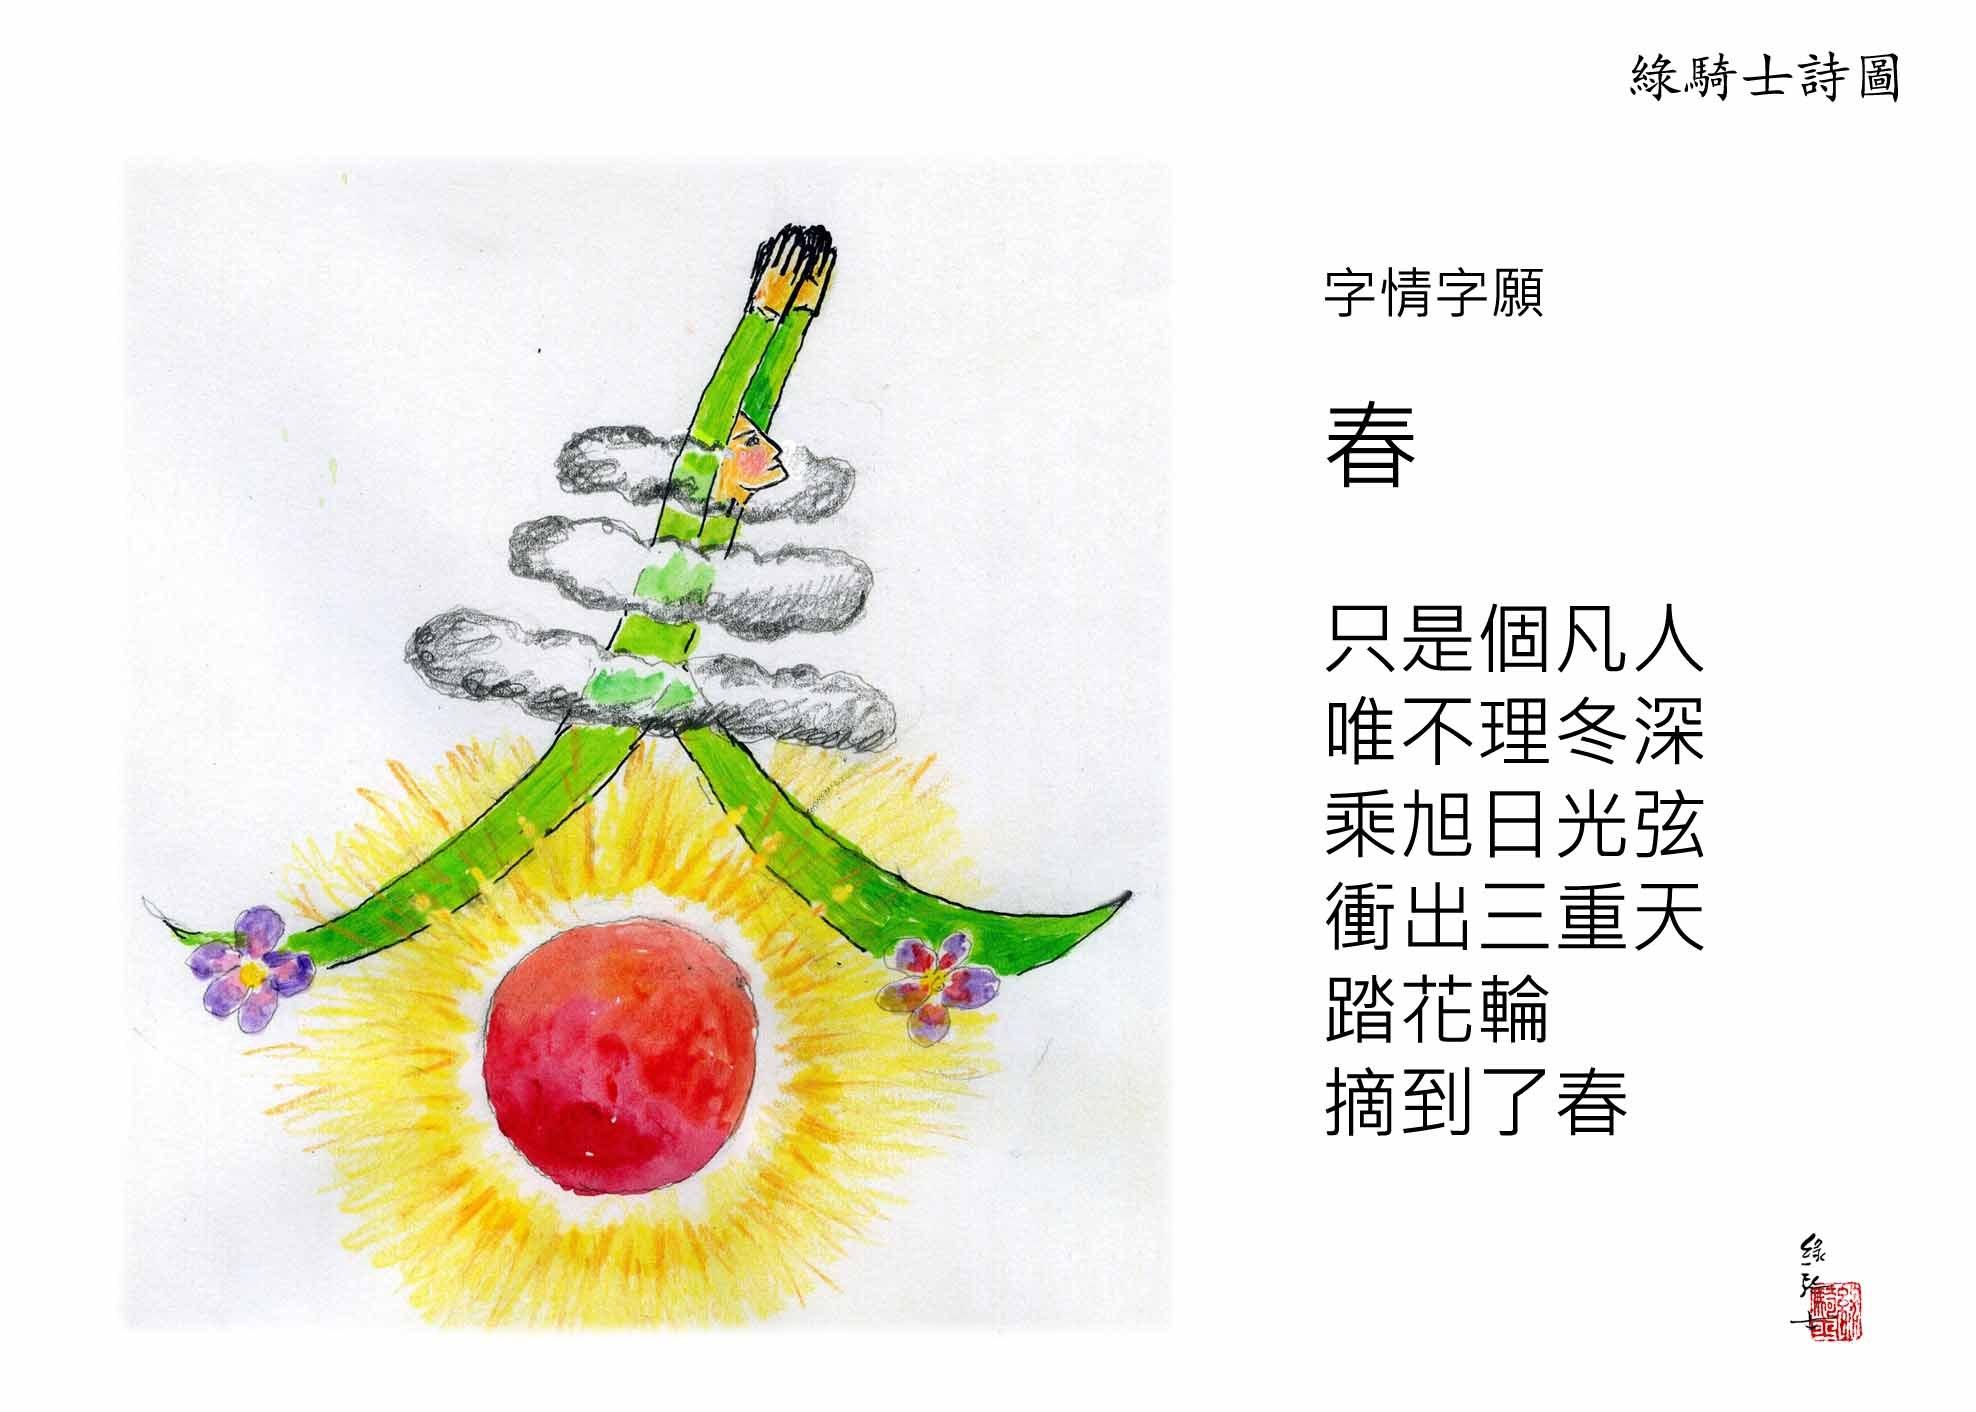 綠騎士詩圖四幅:春日遊、花與葉、春、蠢